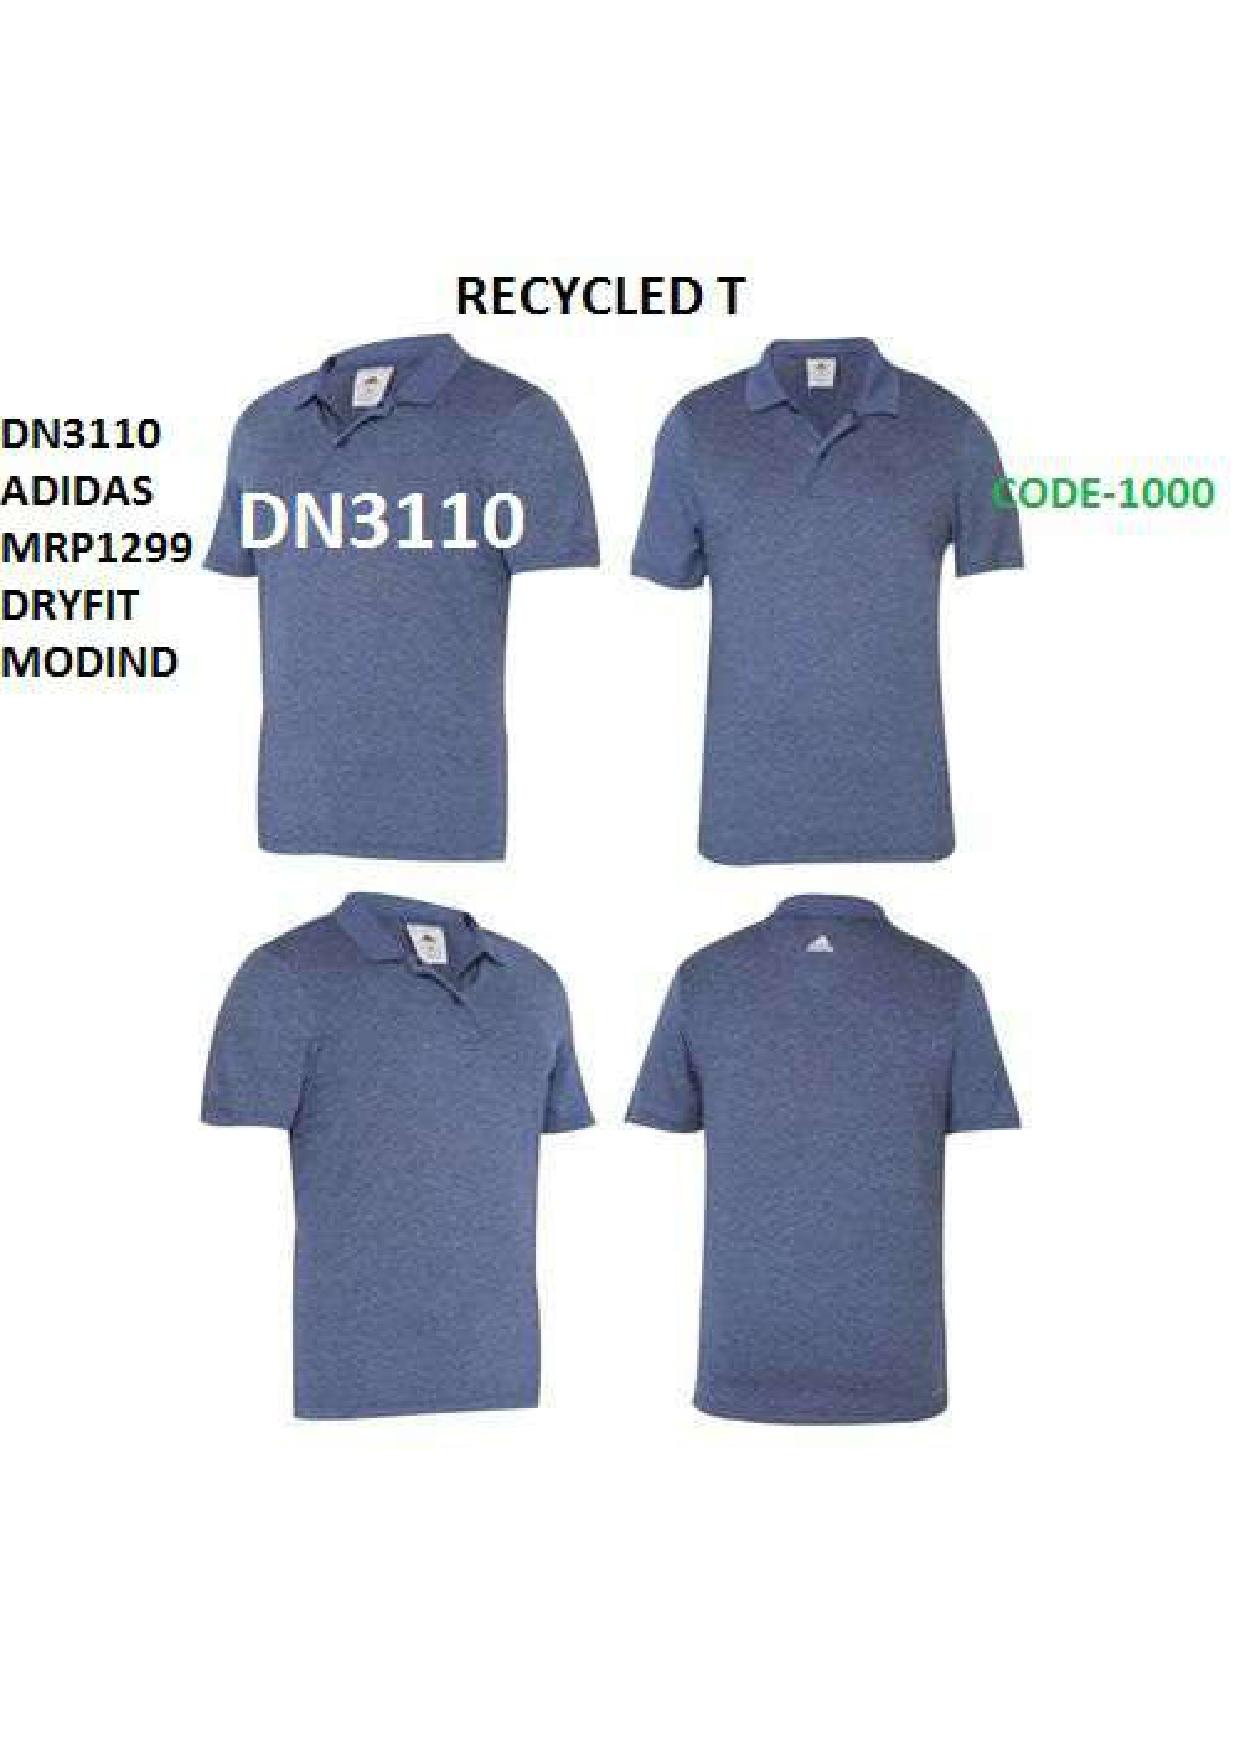 Adidas Casual T Shirt